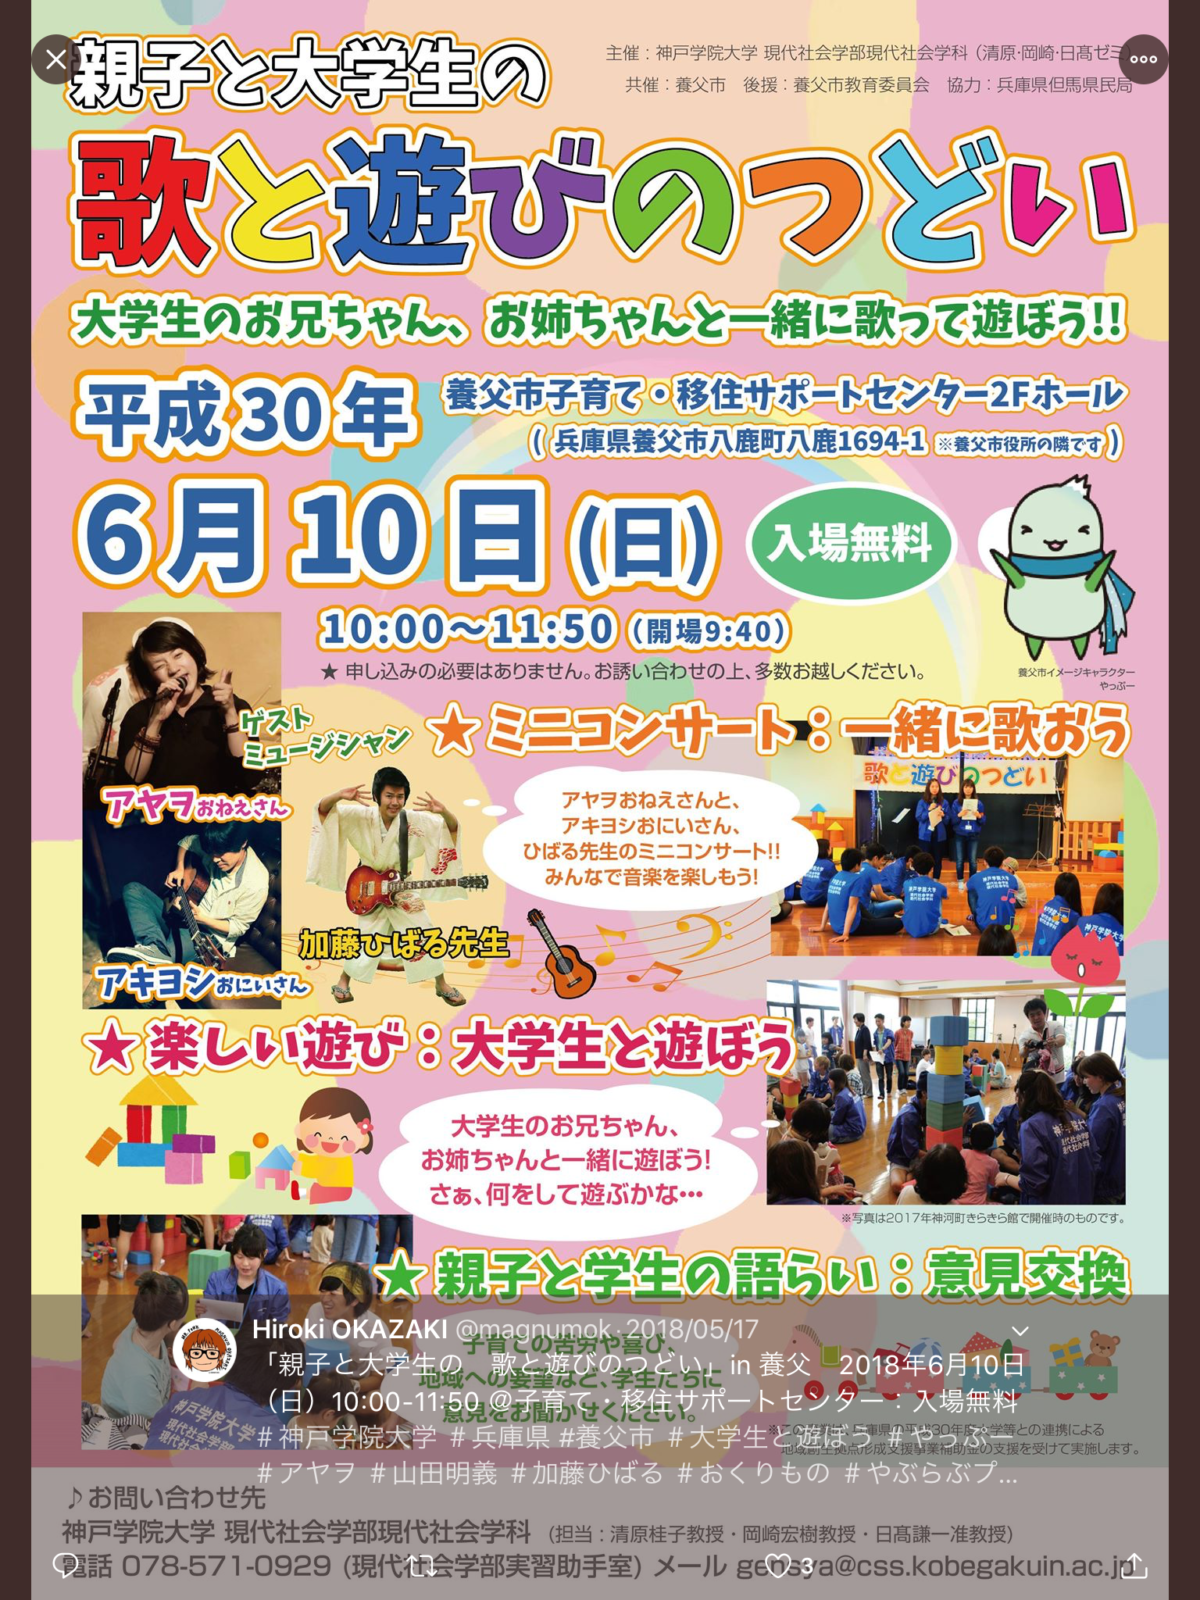 神戸学院の大学生が企画したイベント